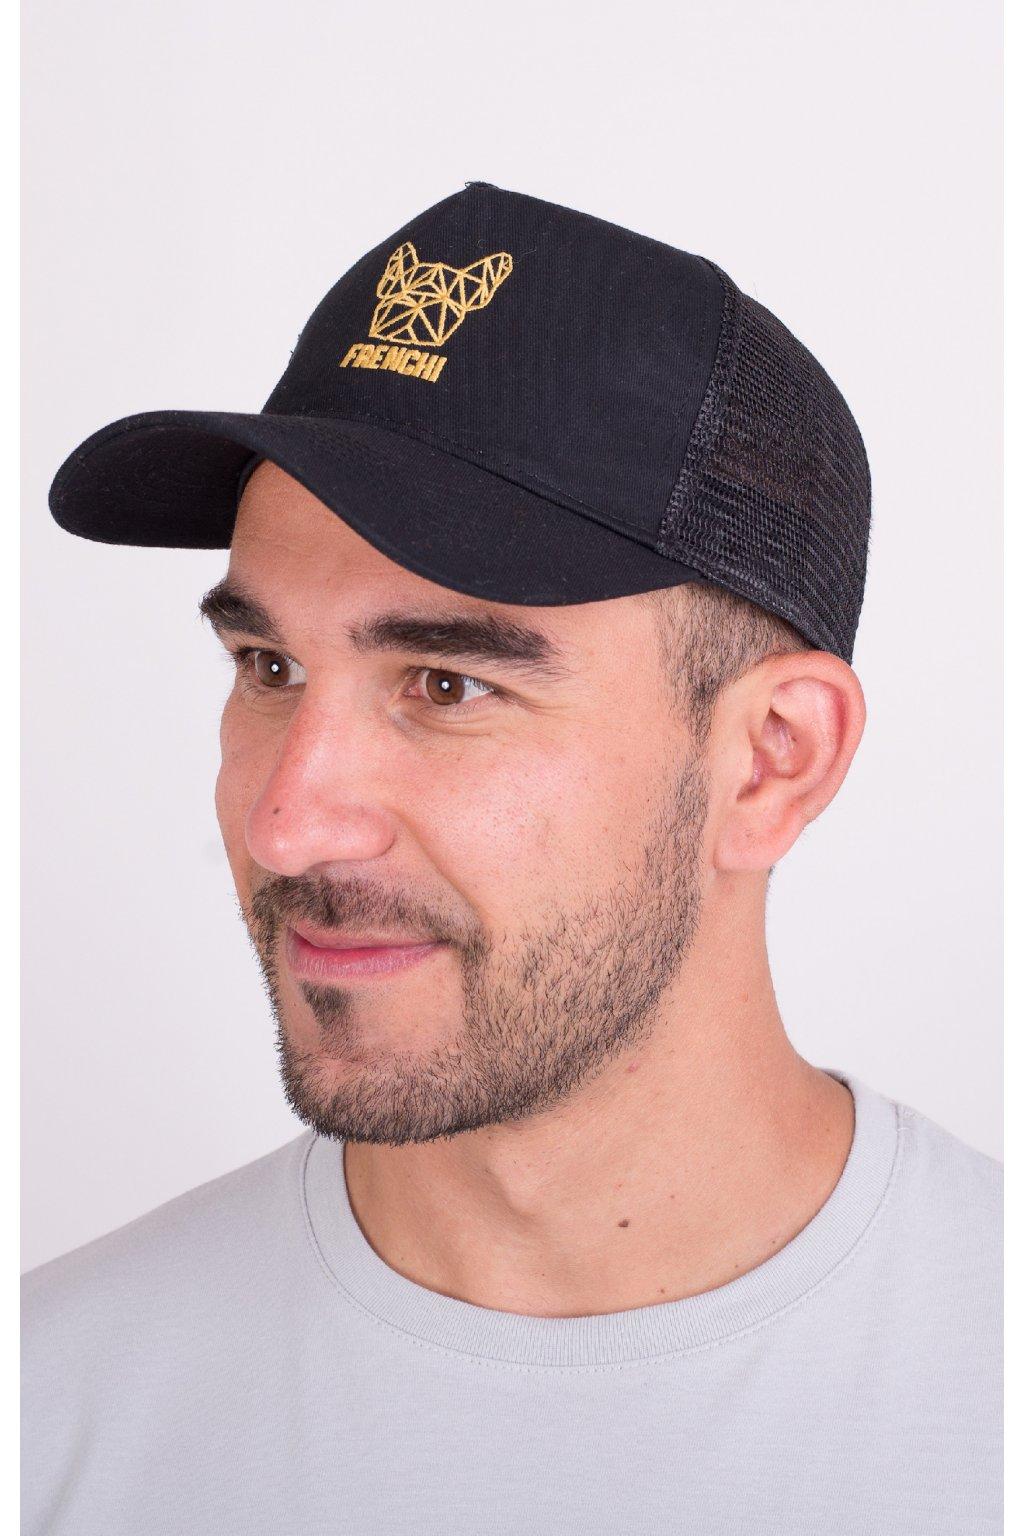 Kšiltovka Trucker se síťovinou černá + zlaté logo